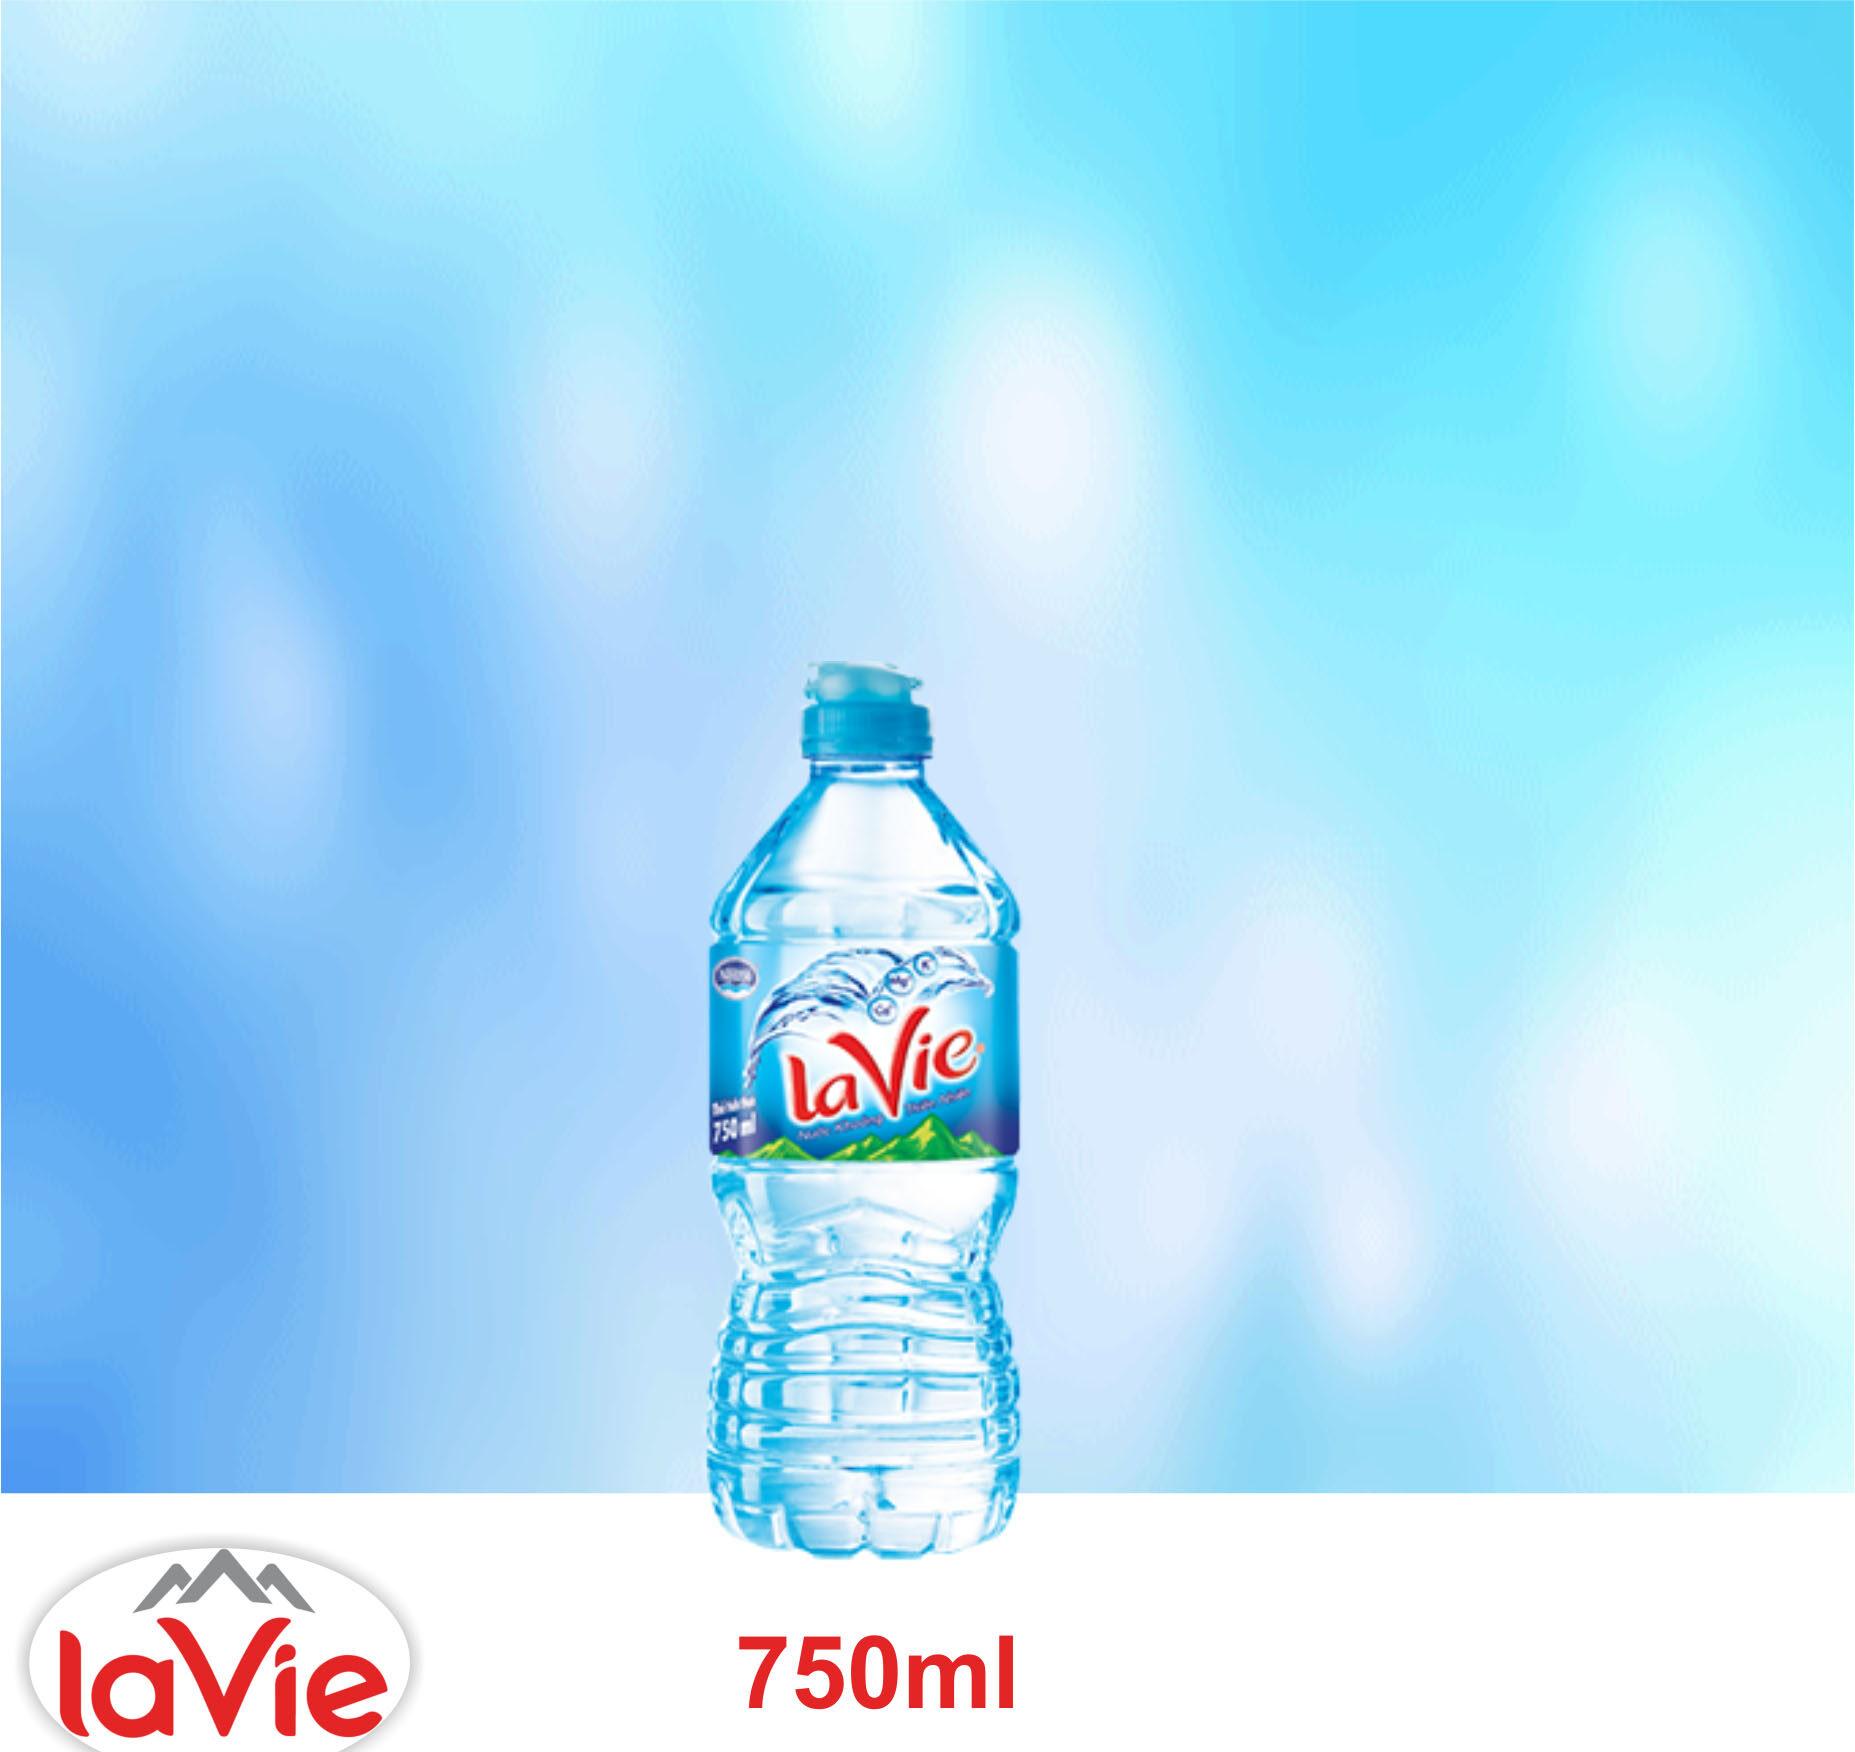 Nước suối LaVie 750ml, LaVie nắp thể thao tiện lợi giao hàng nhanh